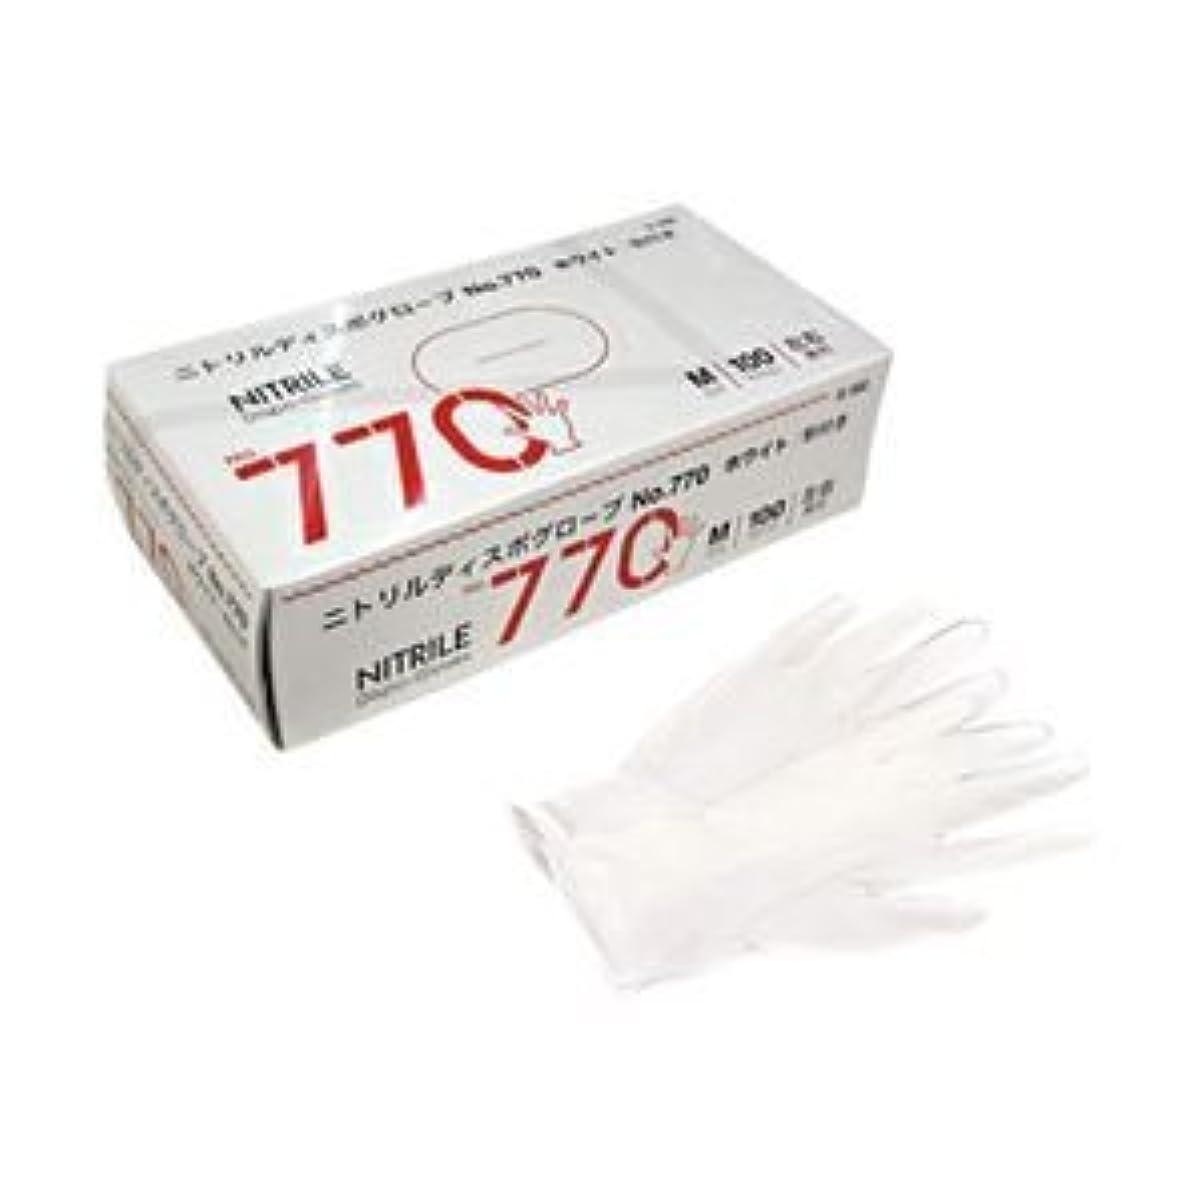 化学ウィスキー始める宇都宮製作 ニトリル手袋770 粉付き M 1箱(100枚) ×5セット